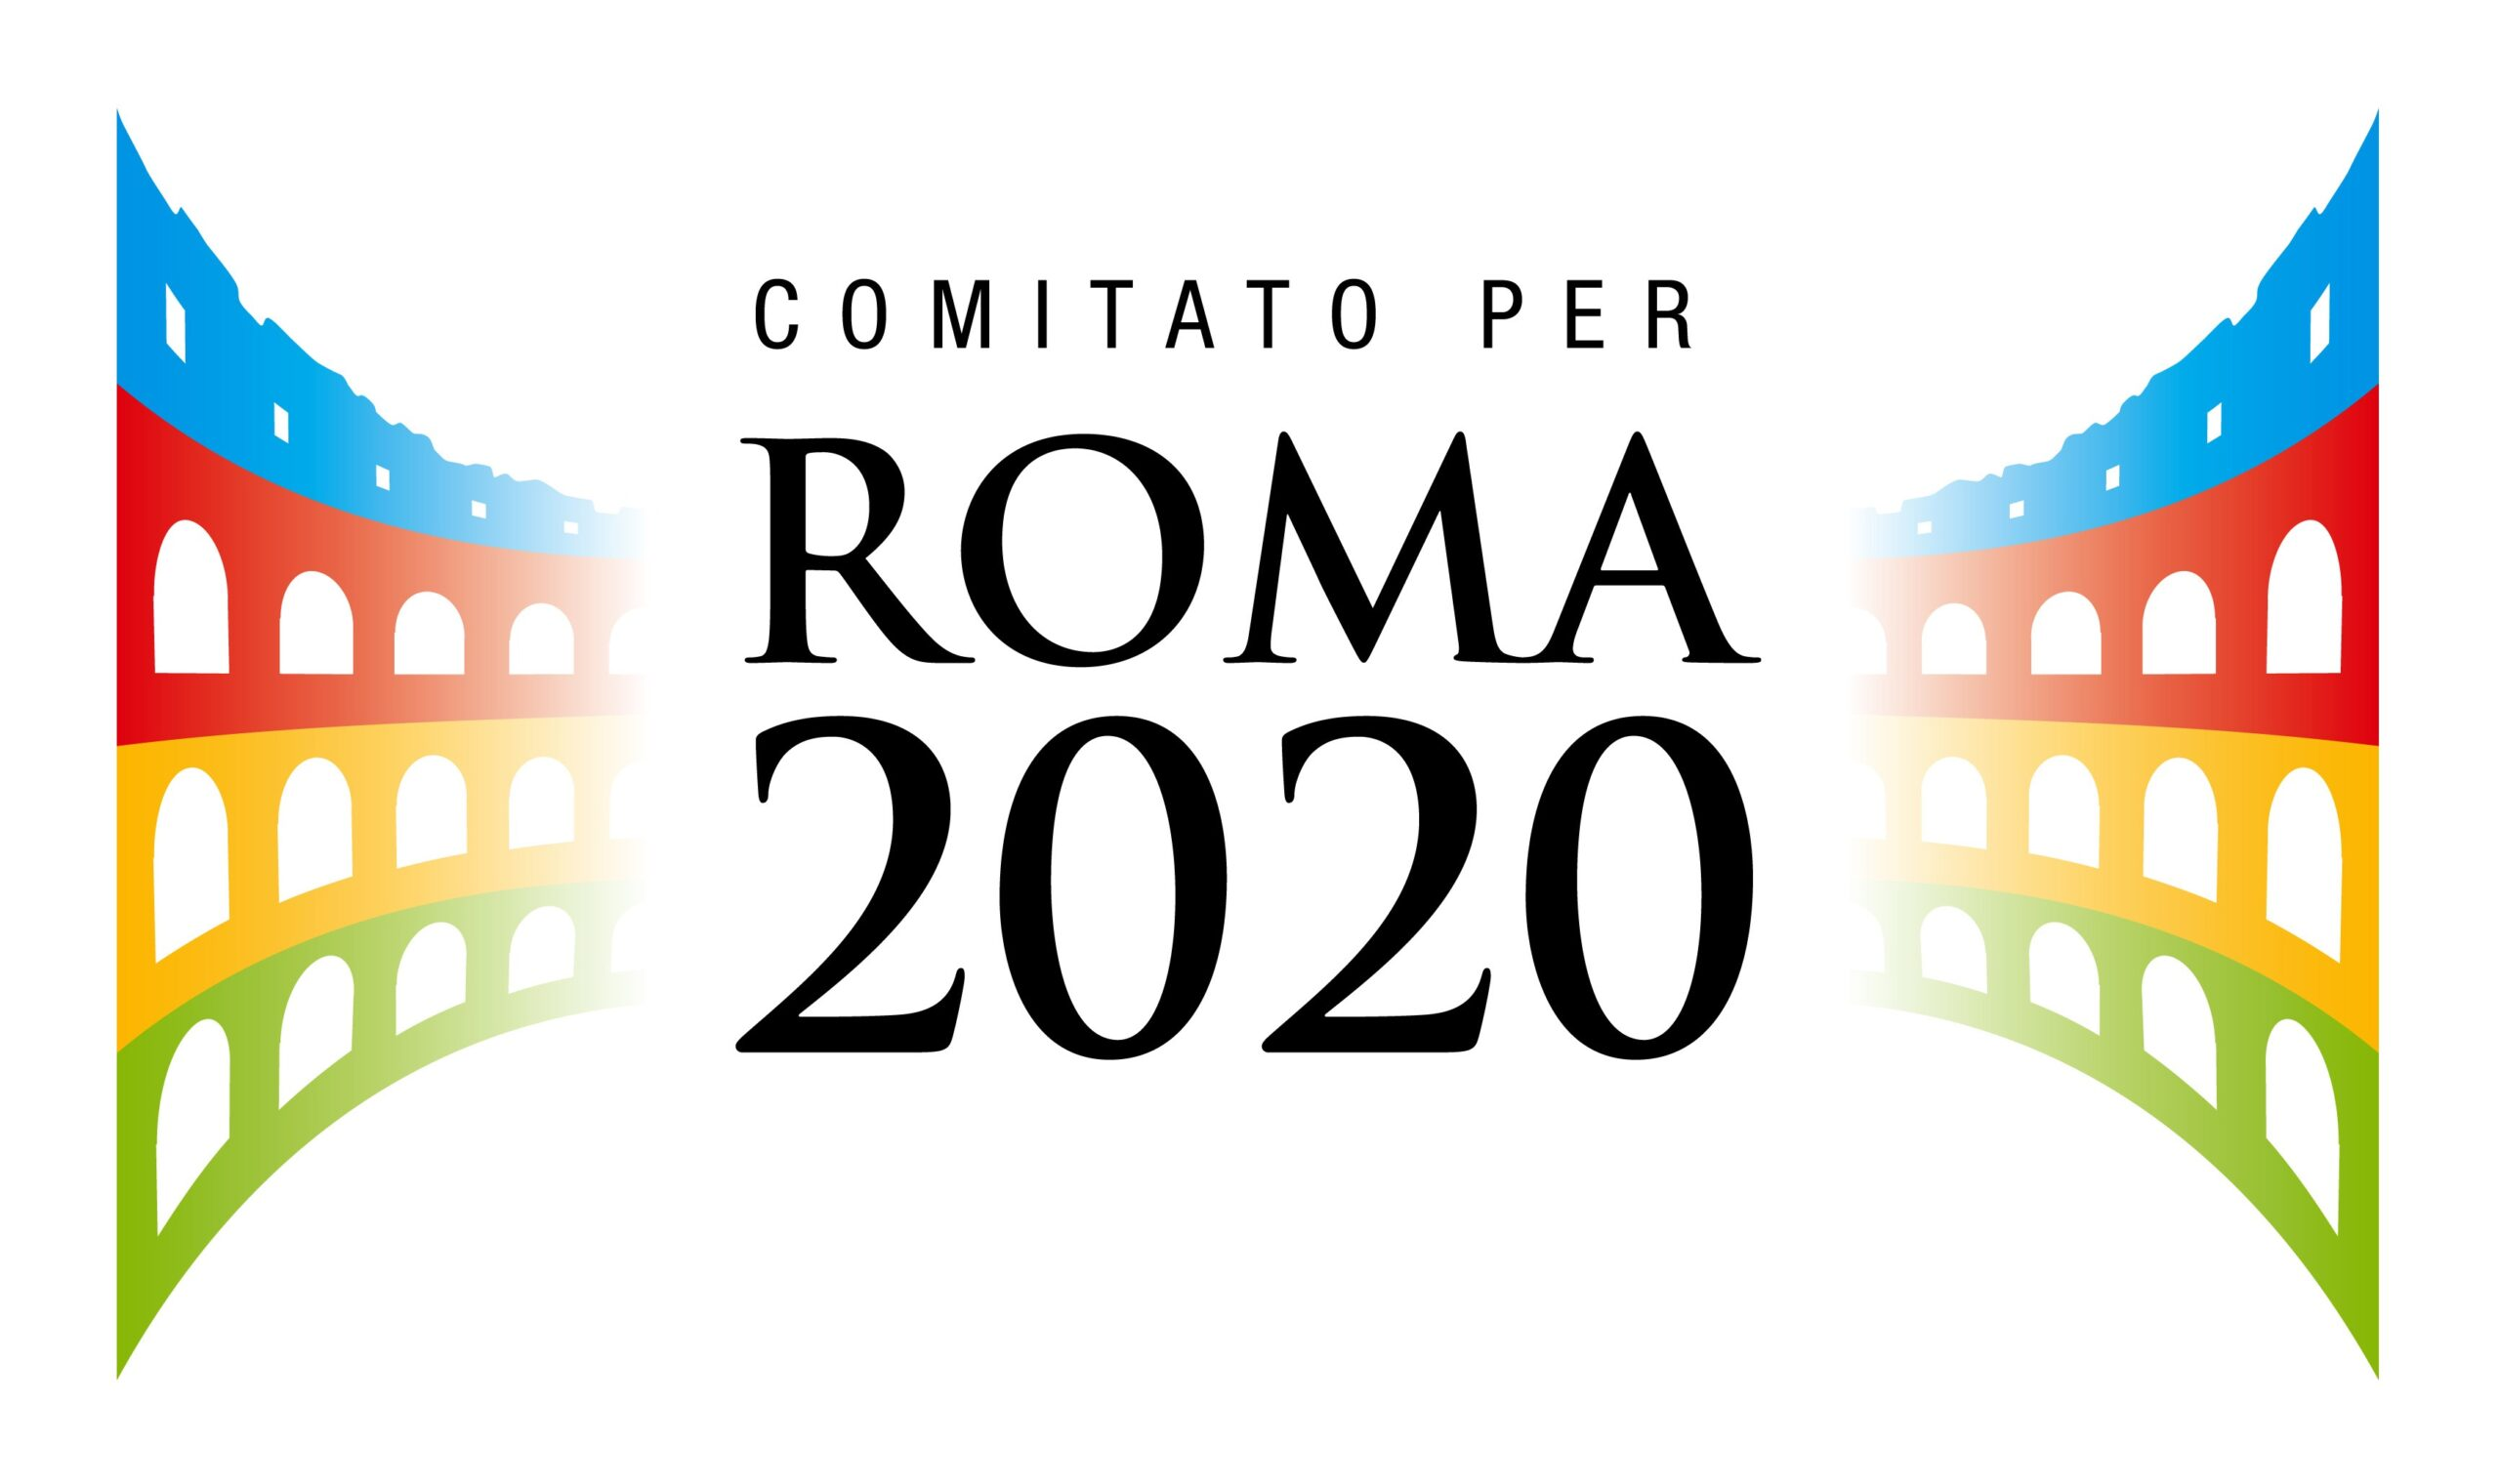 Perilli chiede che anche il territorio reatino sia coinvolto nel progetto delle Olimpiadi di Roma 2020